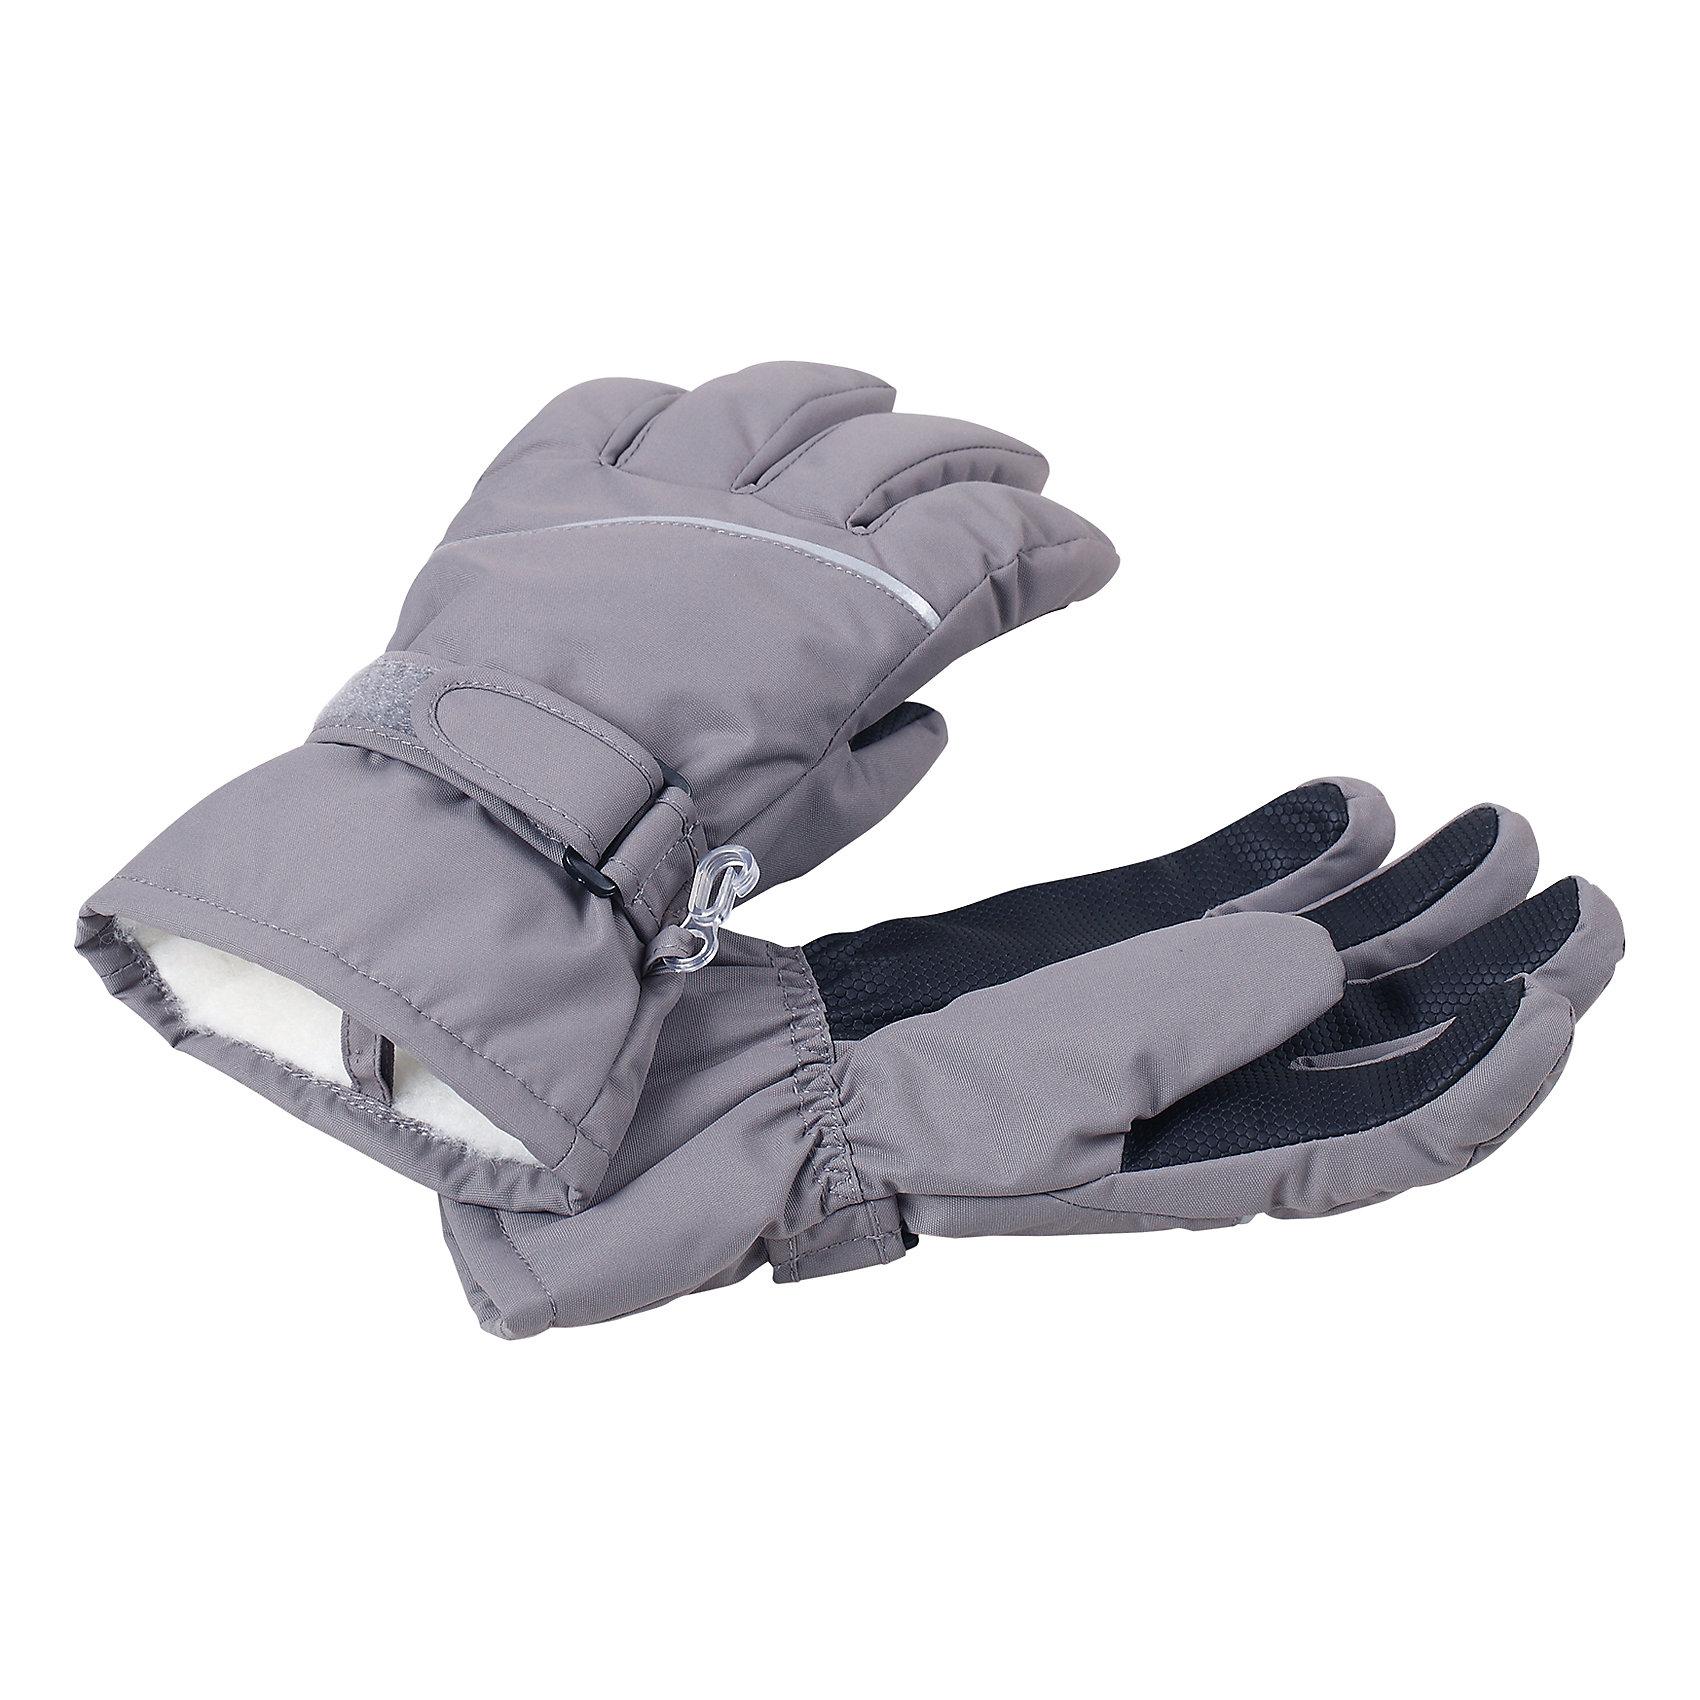 Reima Перчатки Harald Reima перчатки без пальцев шерстяные с рисунком розовые